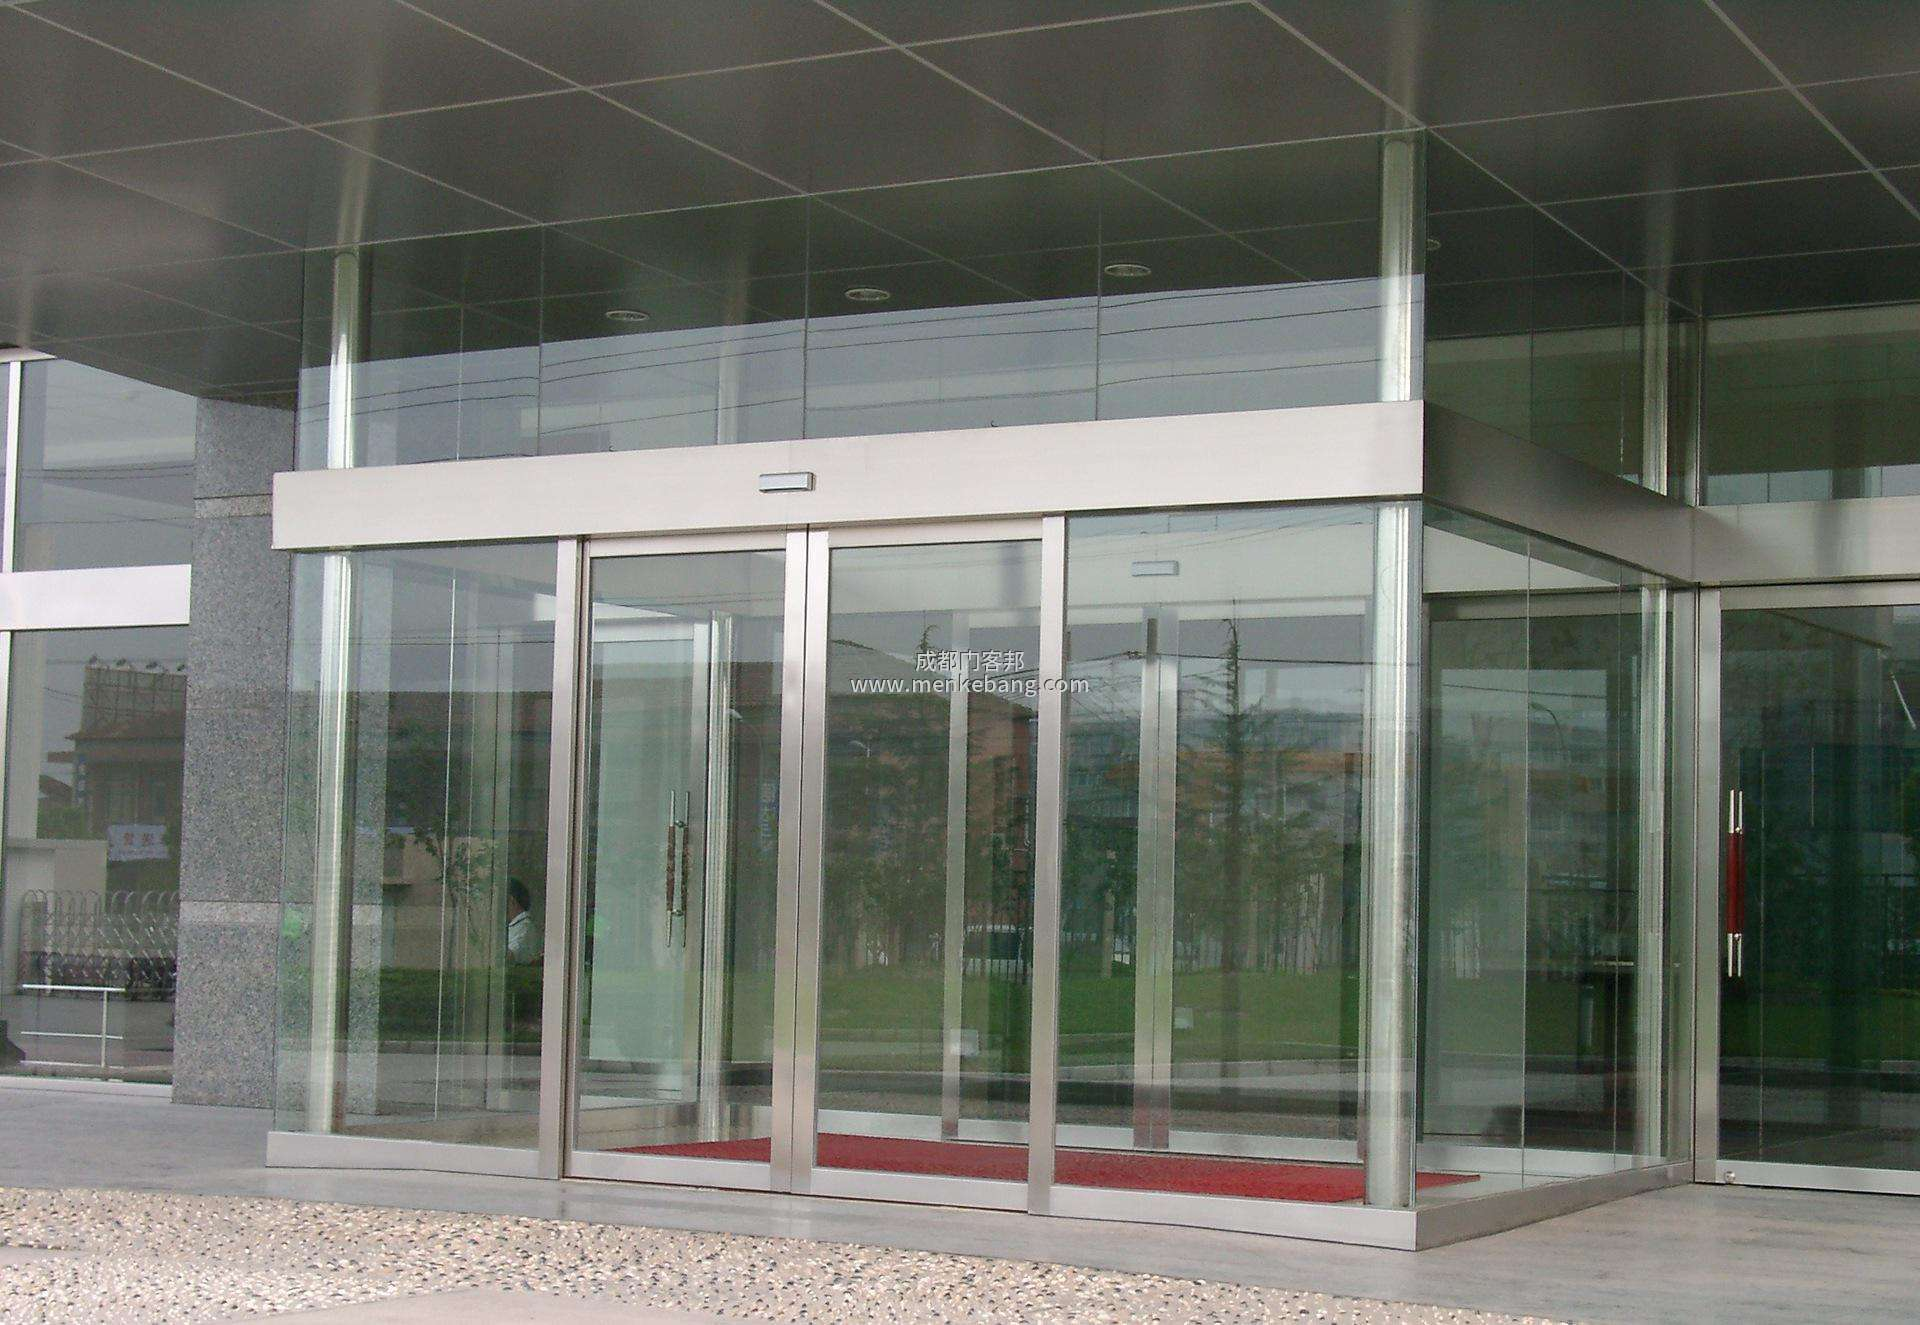 办公楼首层大堂感应门防火要求,装电子感应门消防安全要求